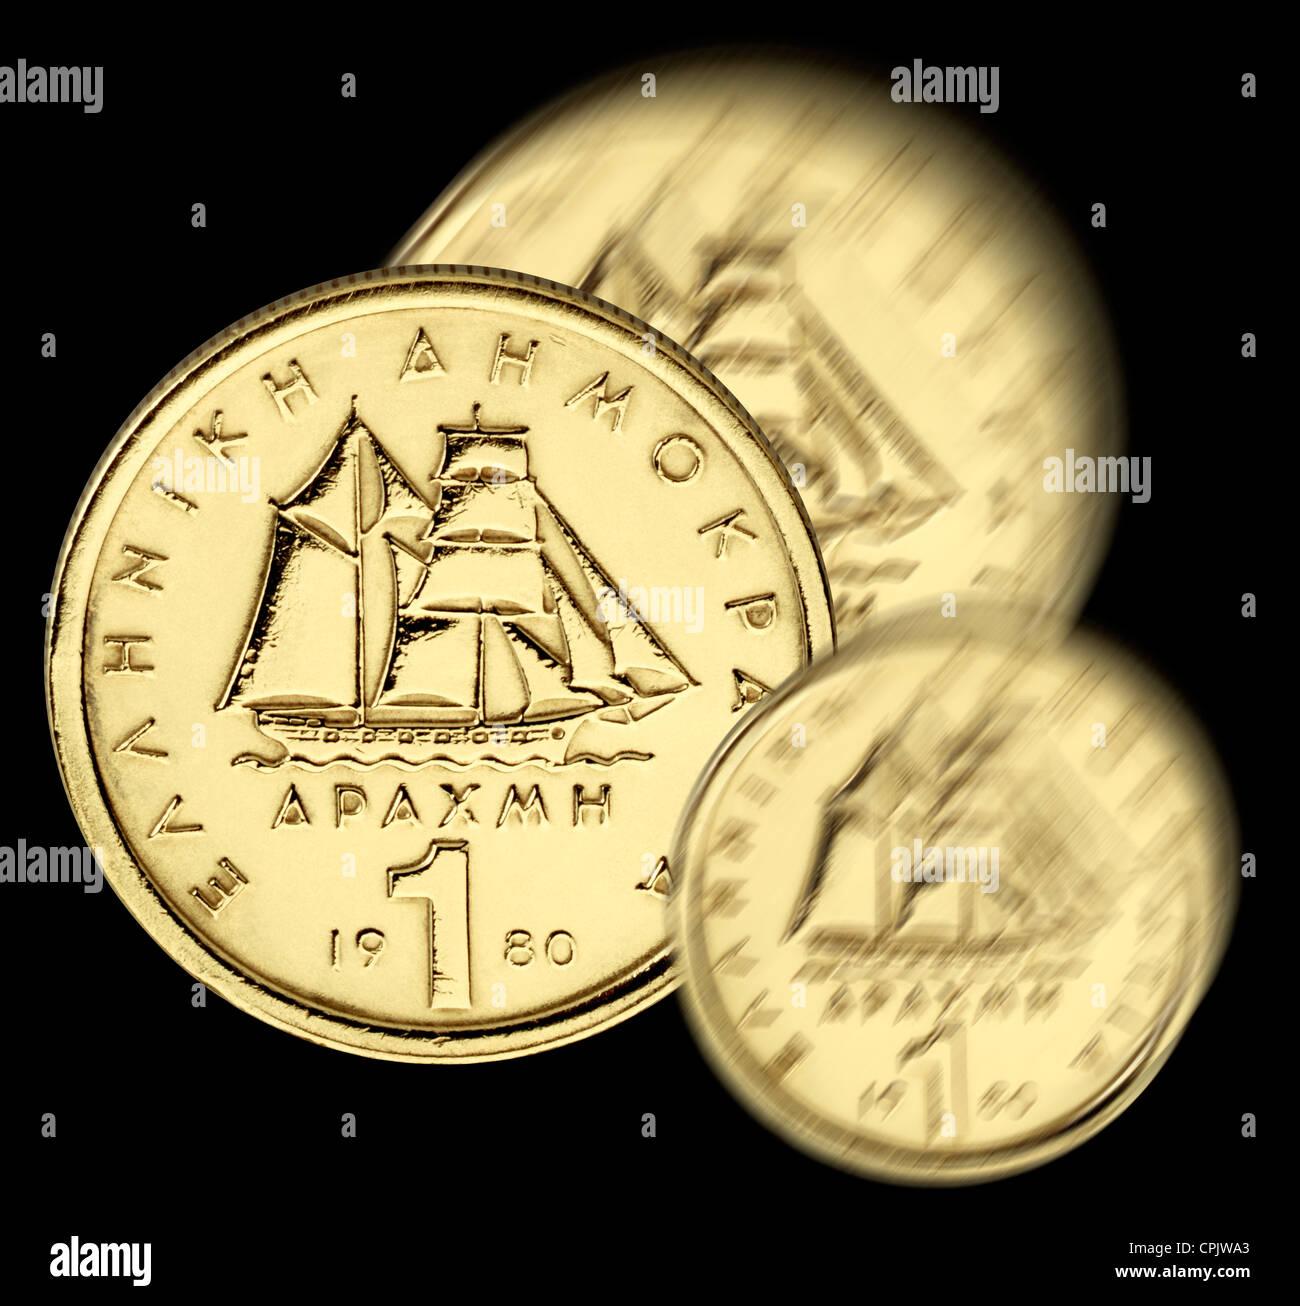 1 drachma coin, Greece - Stock Image